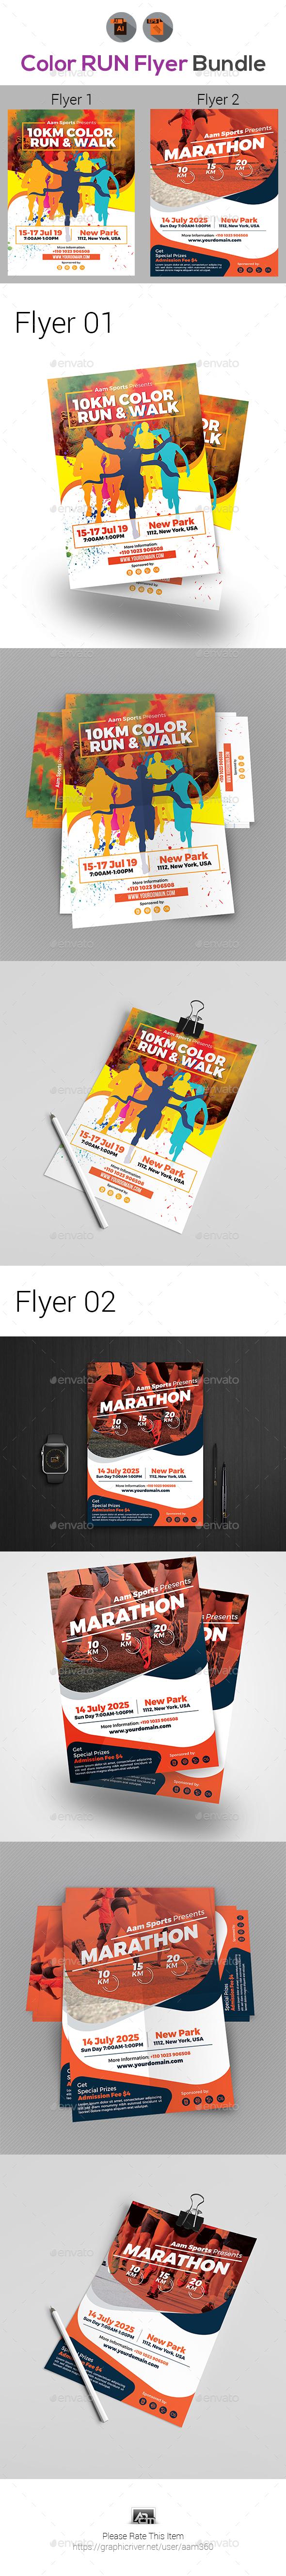 GraphicRiver Color Run & Marathon Event Flyer Bundle 20709189